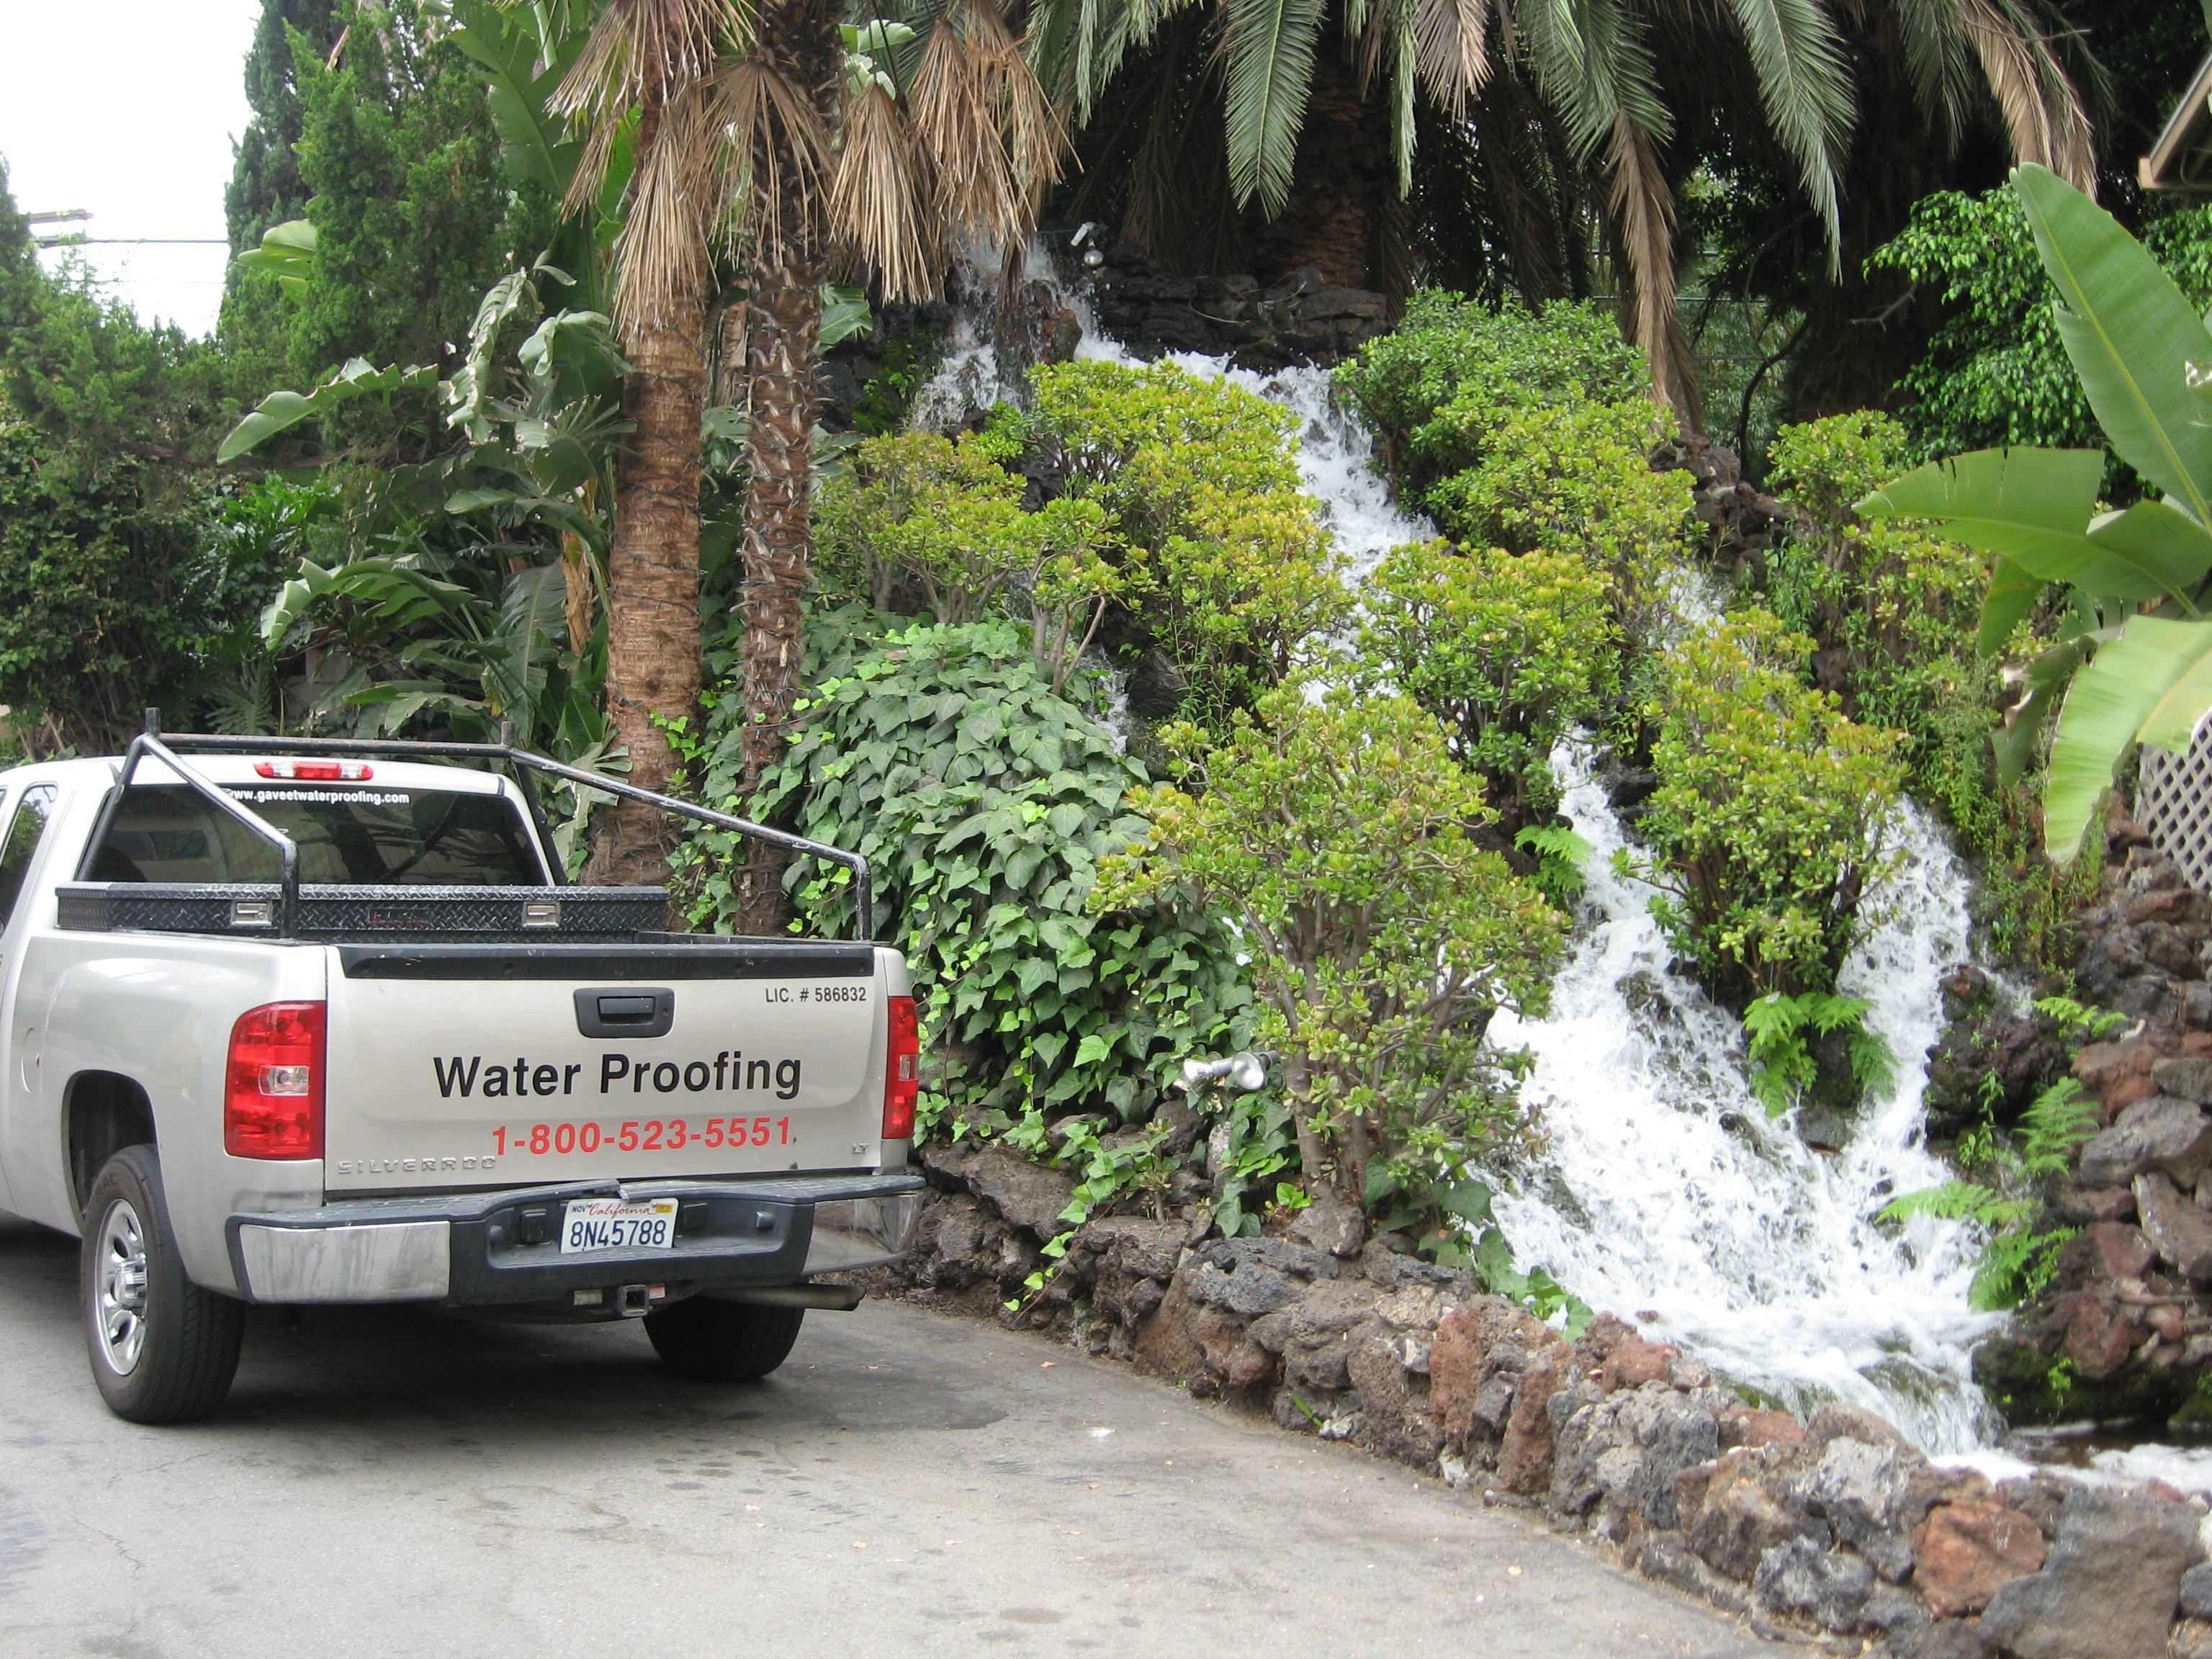 Waterproofing pickup truck